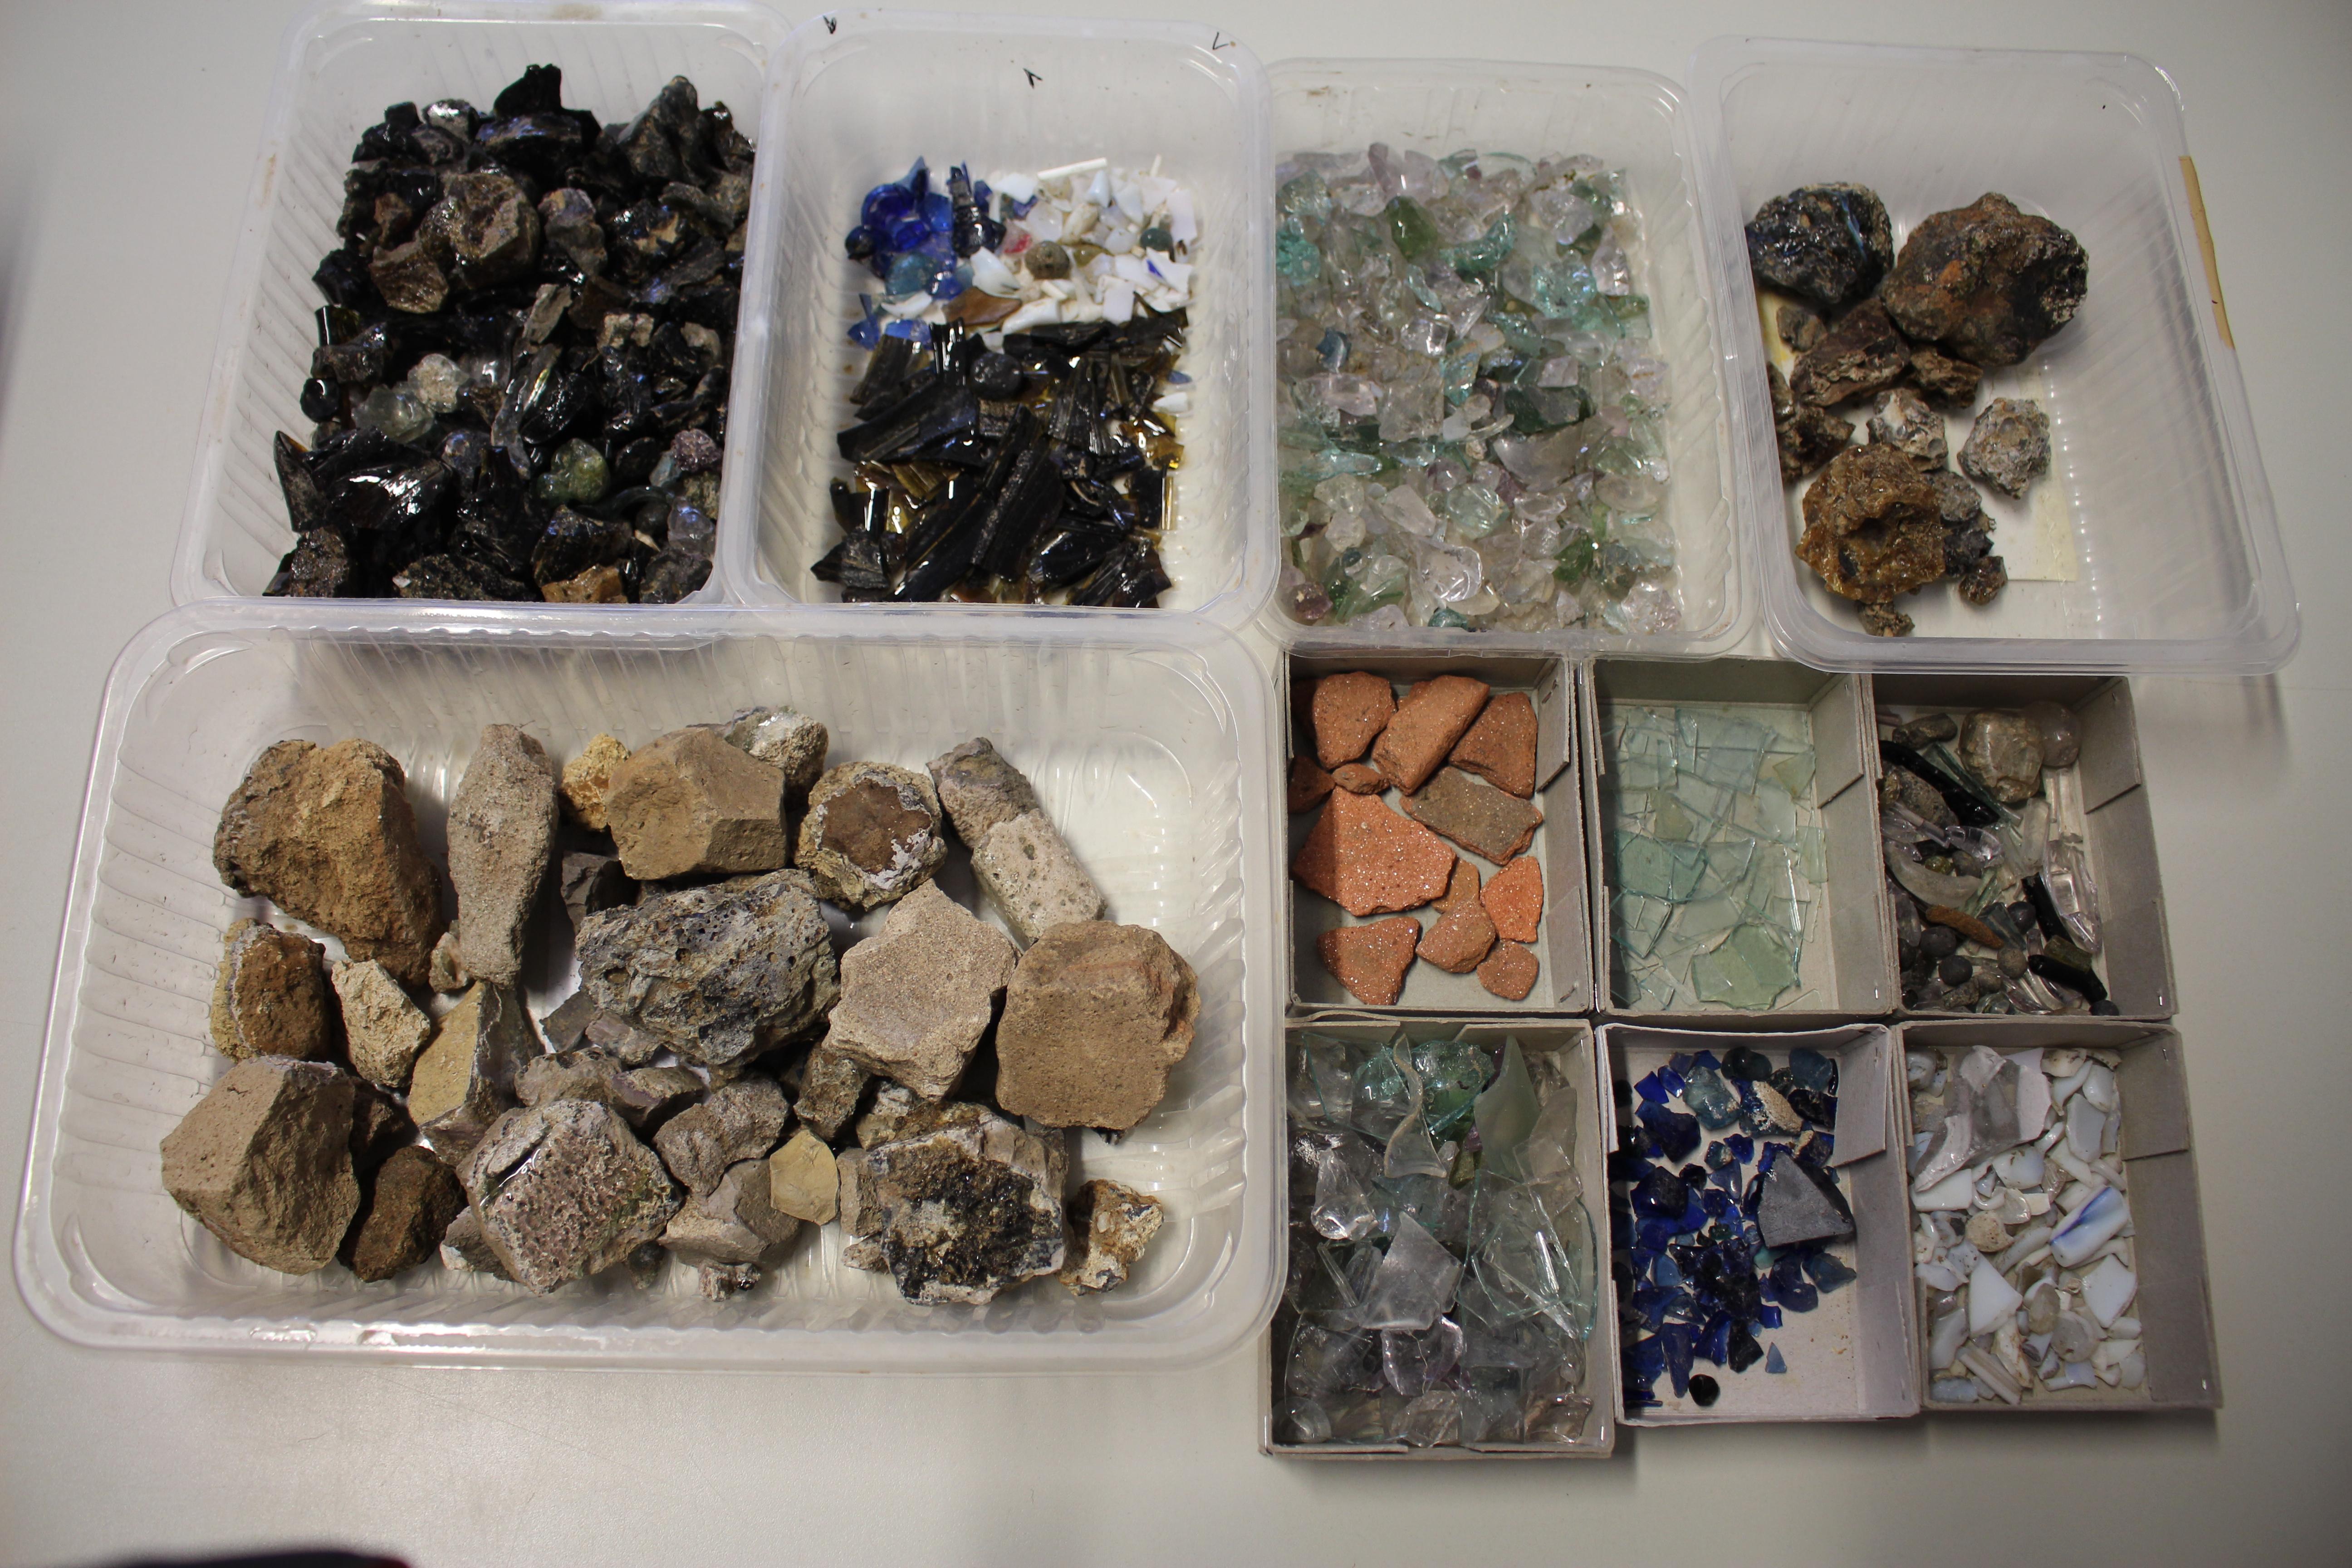 Mehrere Behälter mit verschiedenen, sortierten Überresten der Glashüttenprodukte